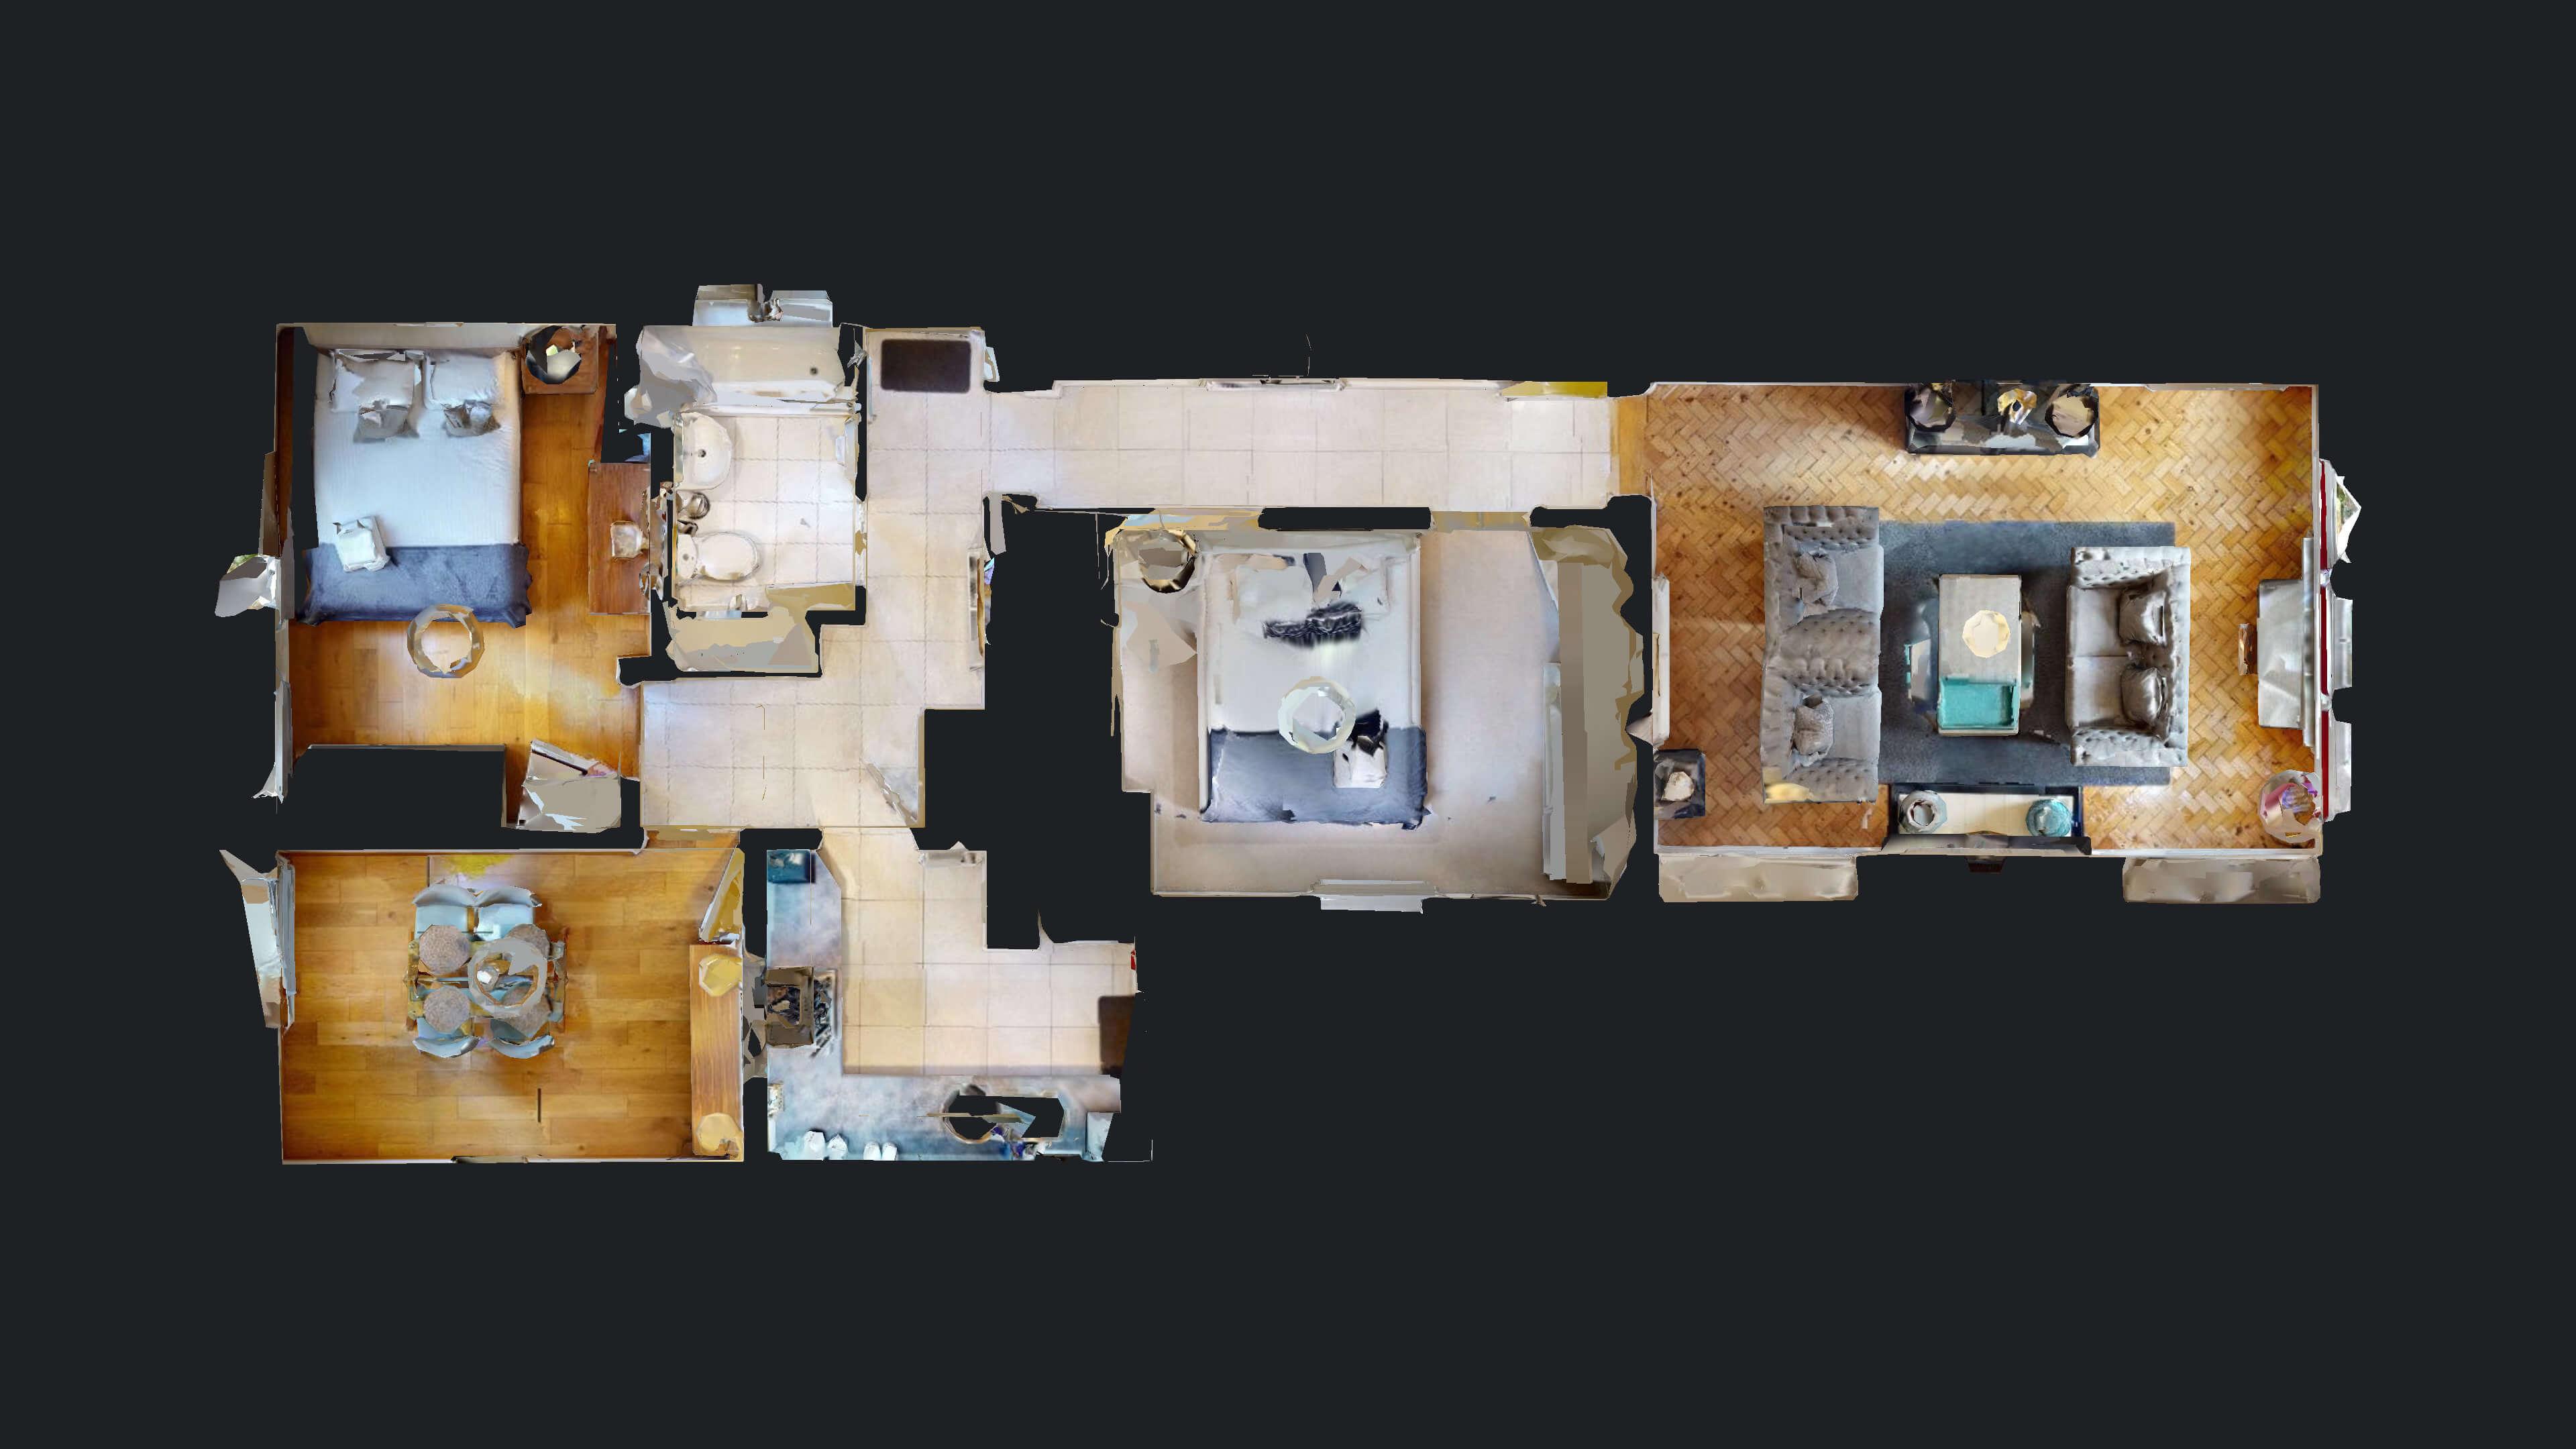 10A Rawlinson Road Floor Plan